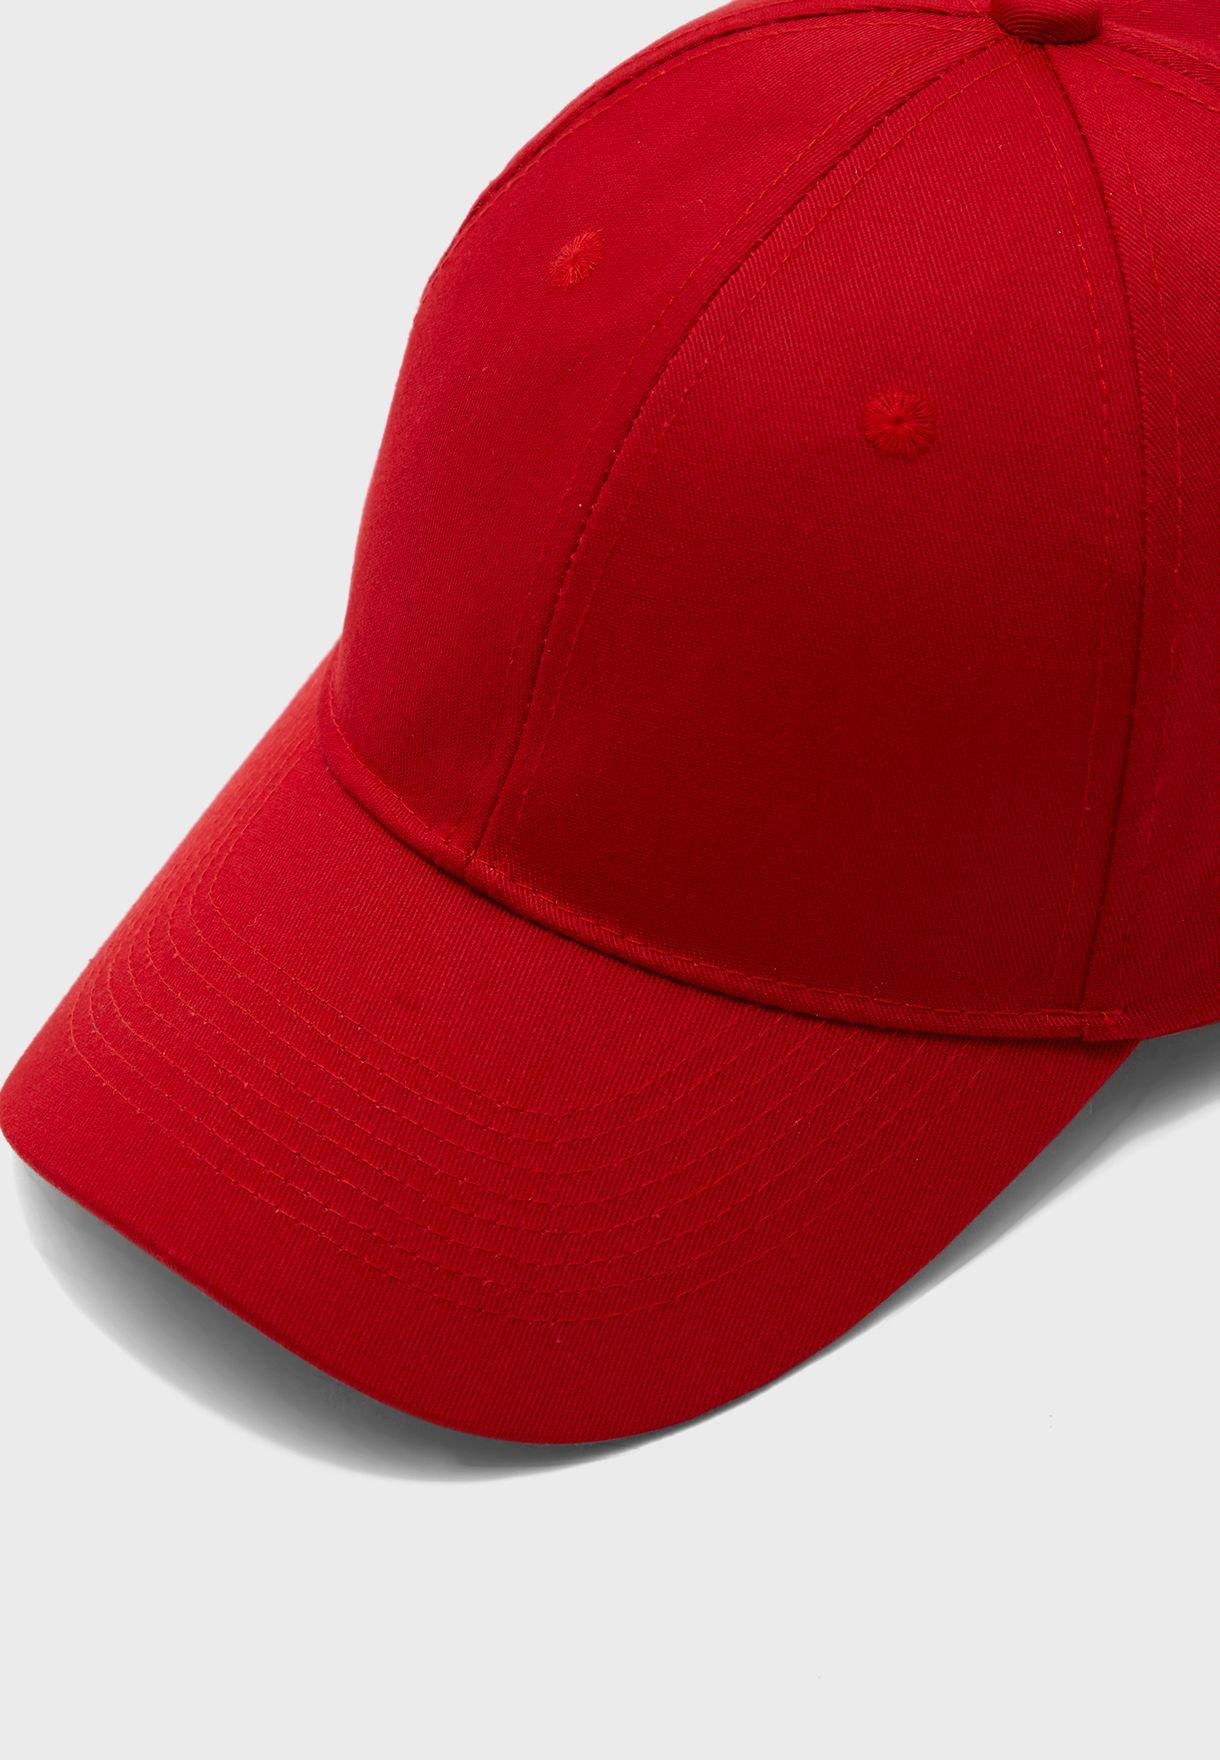 Casual Baseball Cap